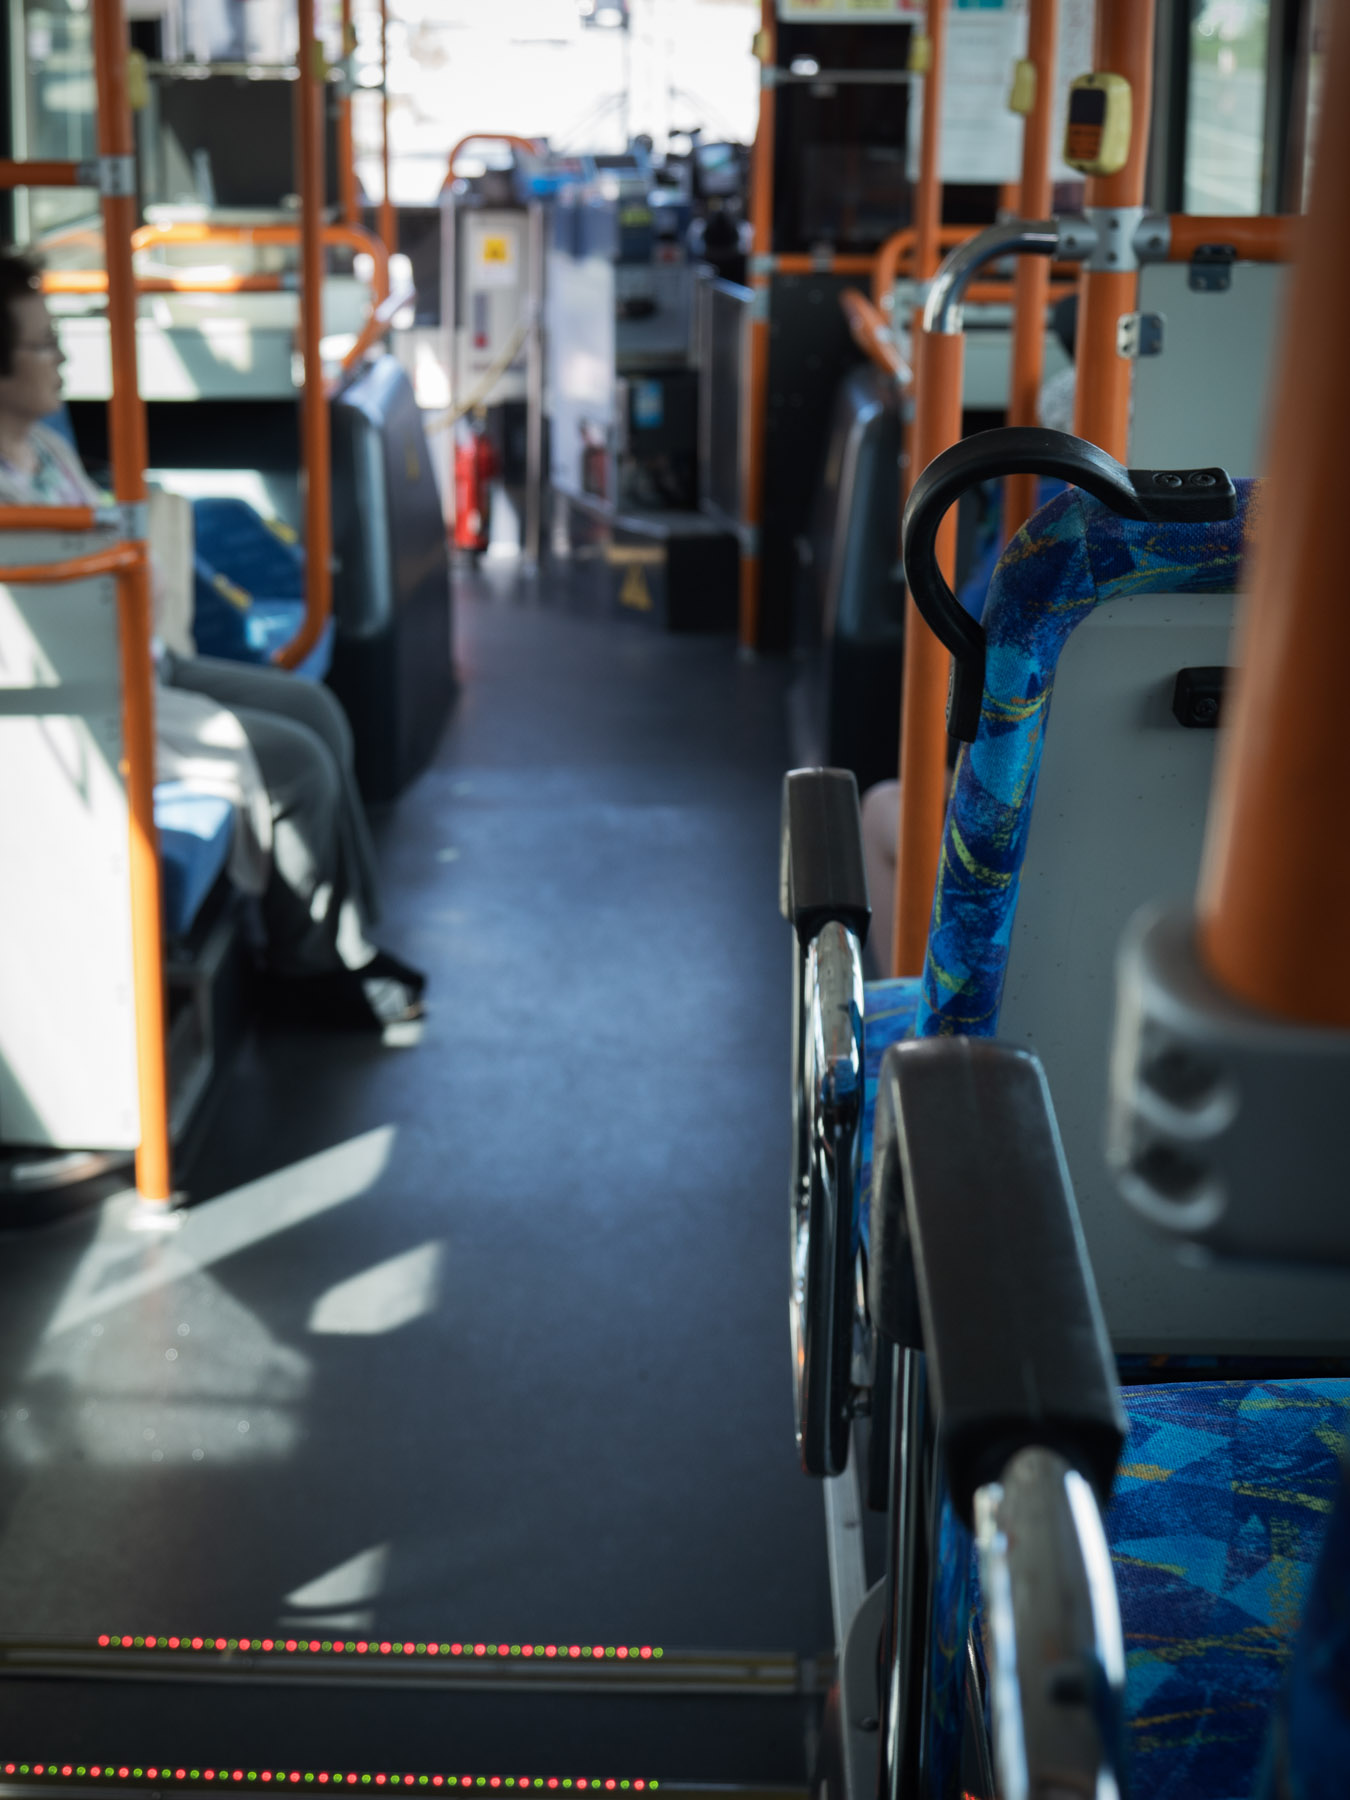 亀田支所前から自宅に向かうバスの後部座席から見た車内